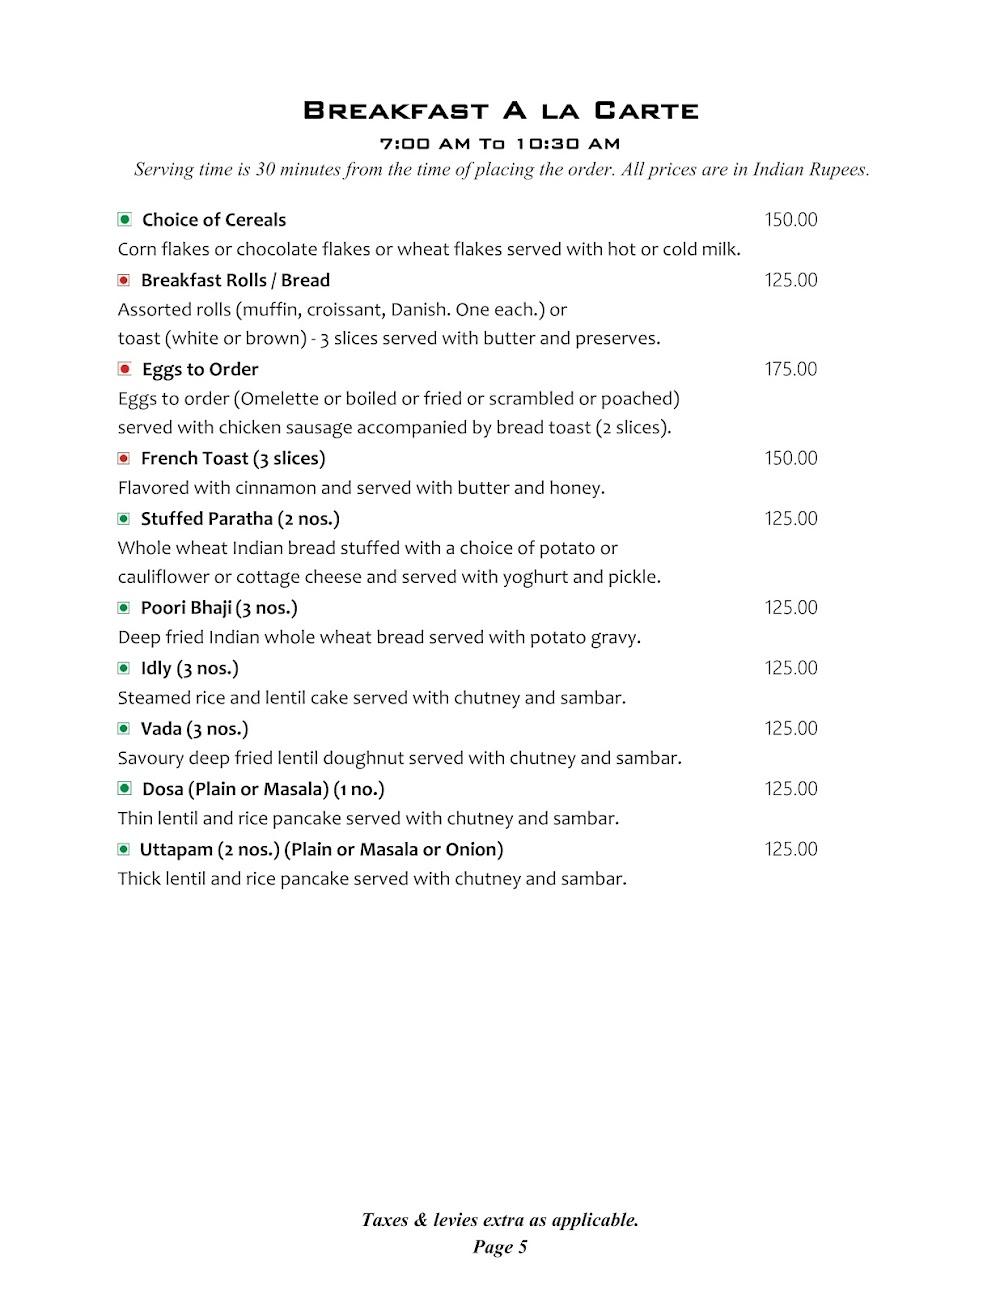 Cafe @ Elanza menu 2